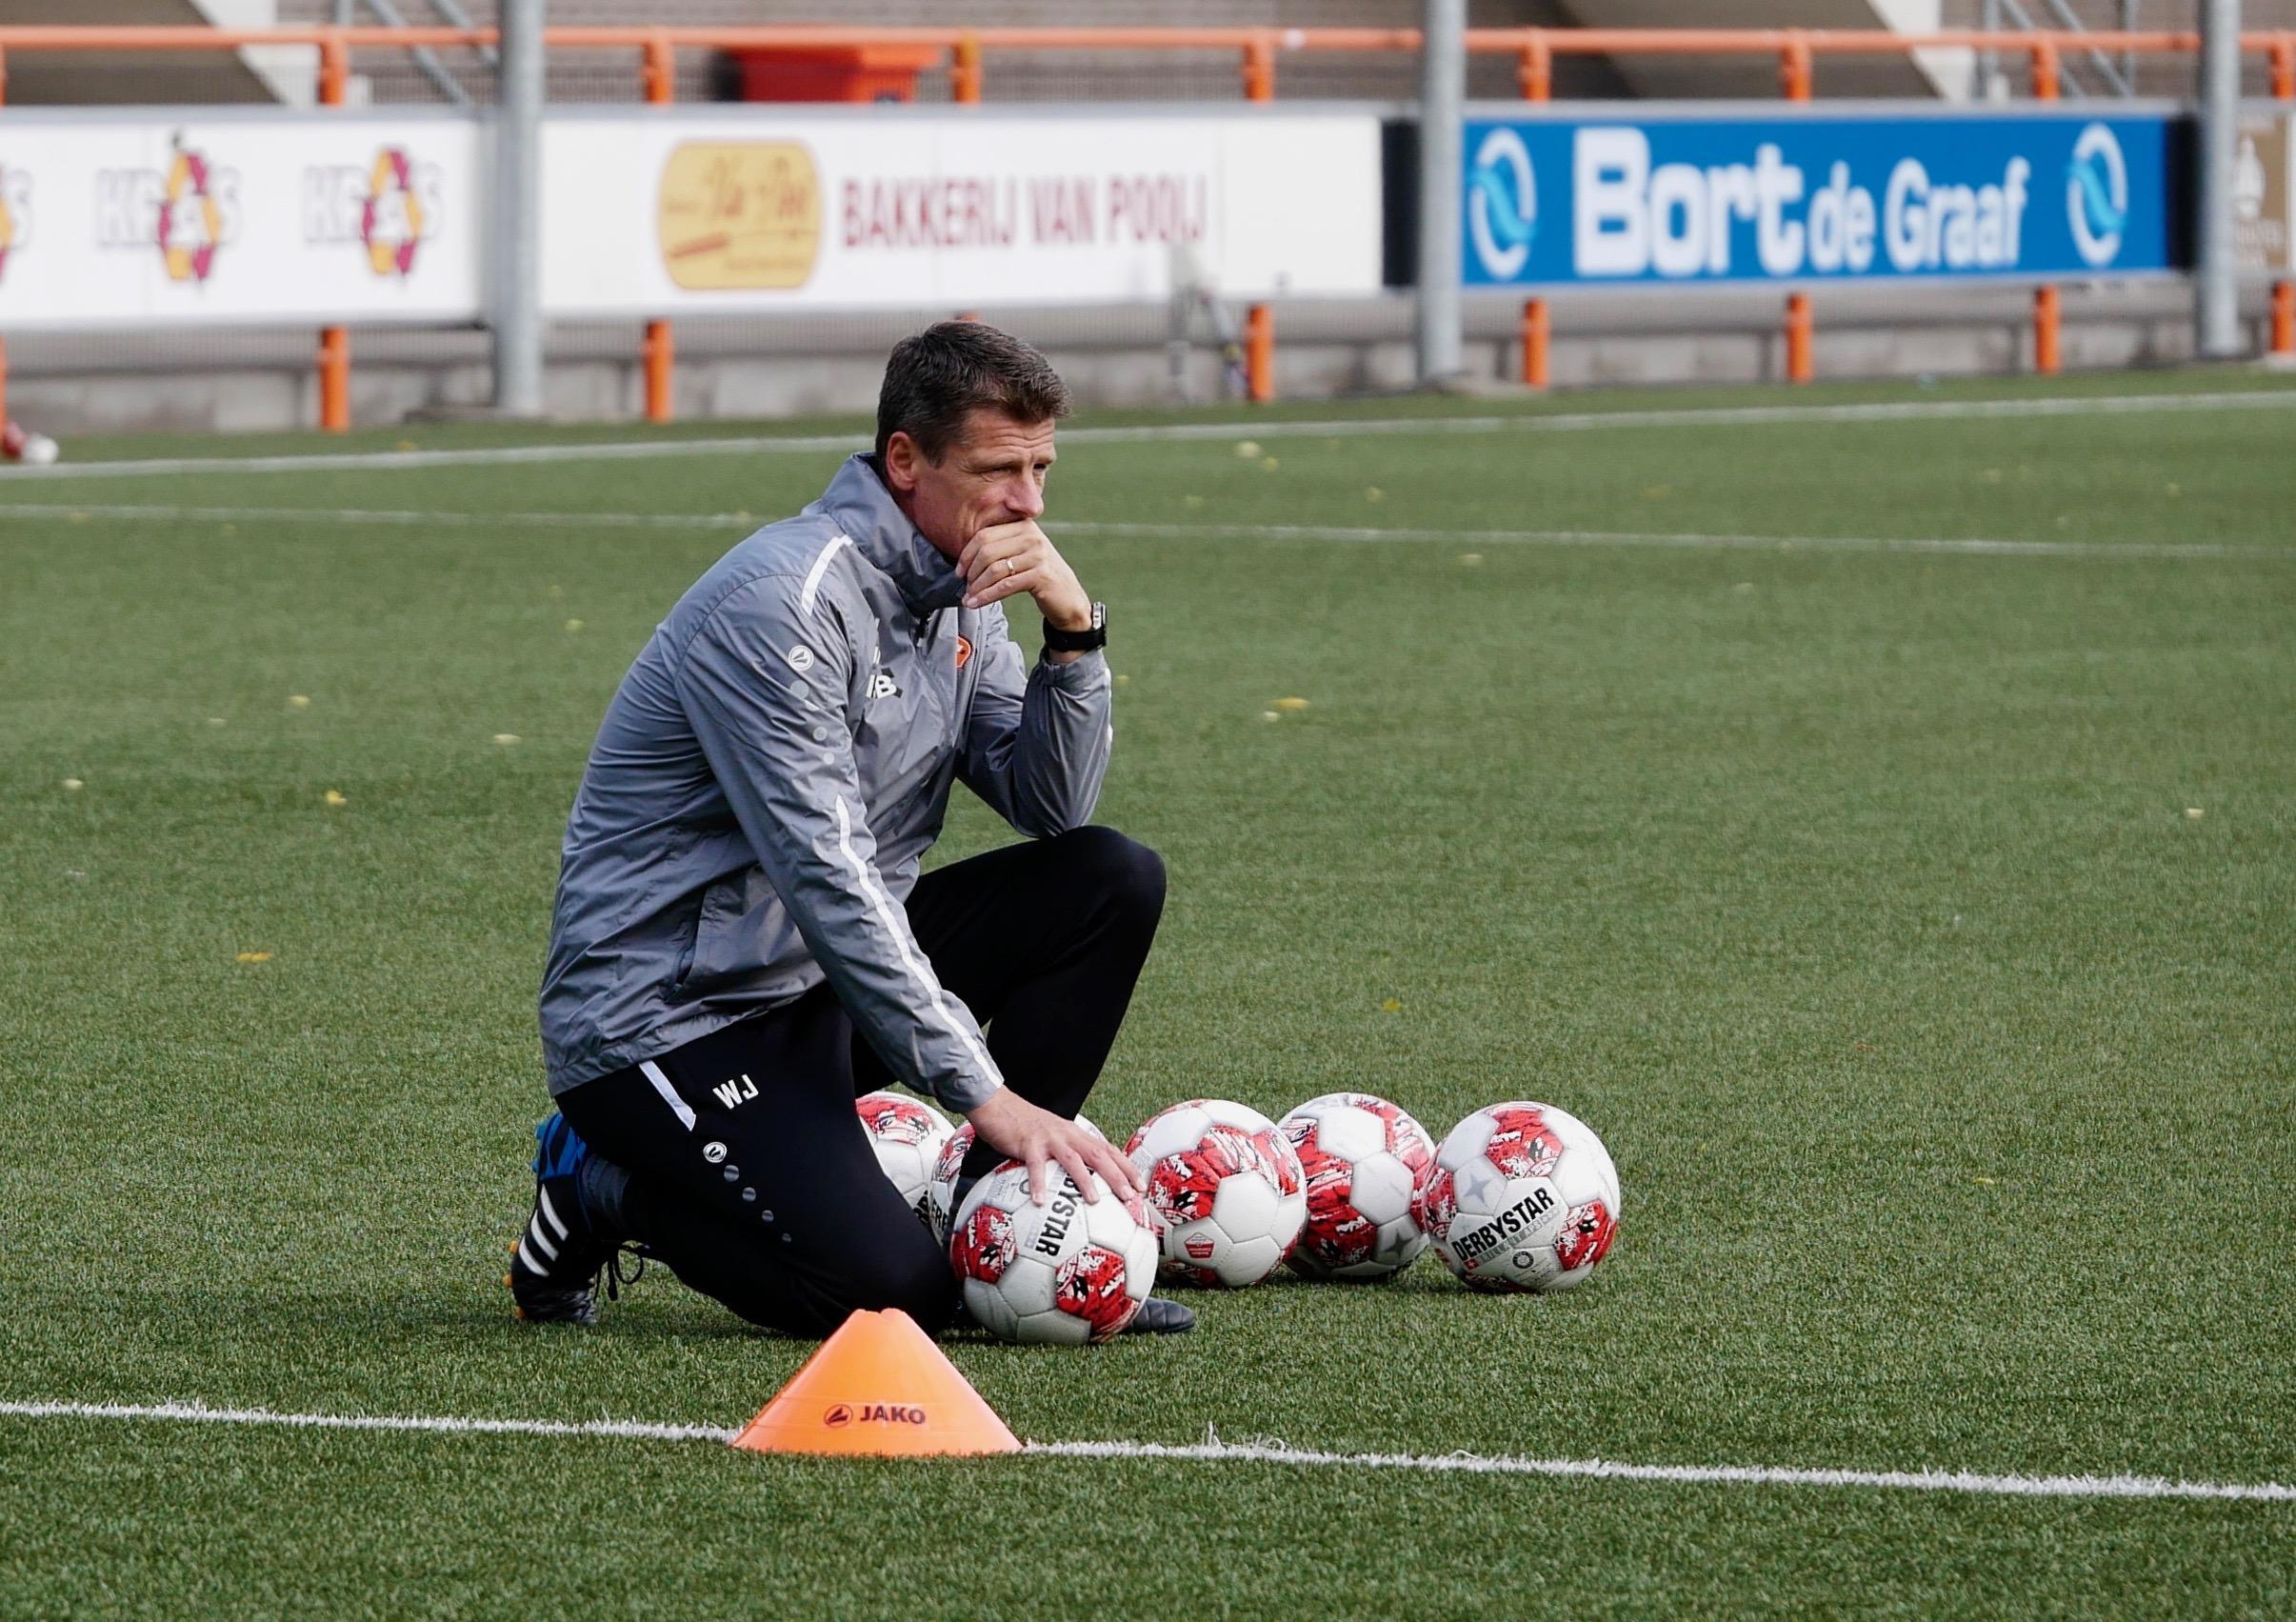 Het gras komt terug bij FC Volendam, maar de tijd is tekort om dat dit jaar al te doen en dus is er gekozen voor een 'tussenoplossing'